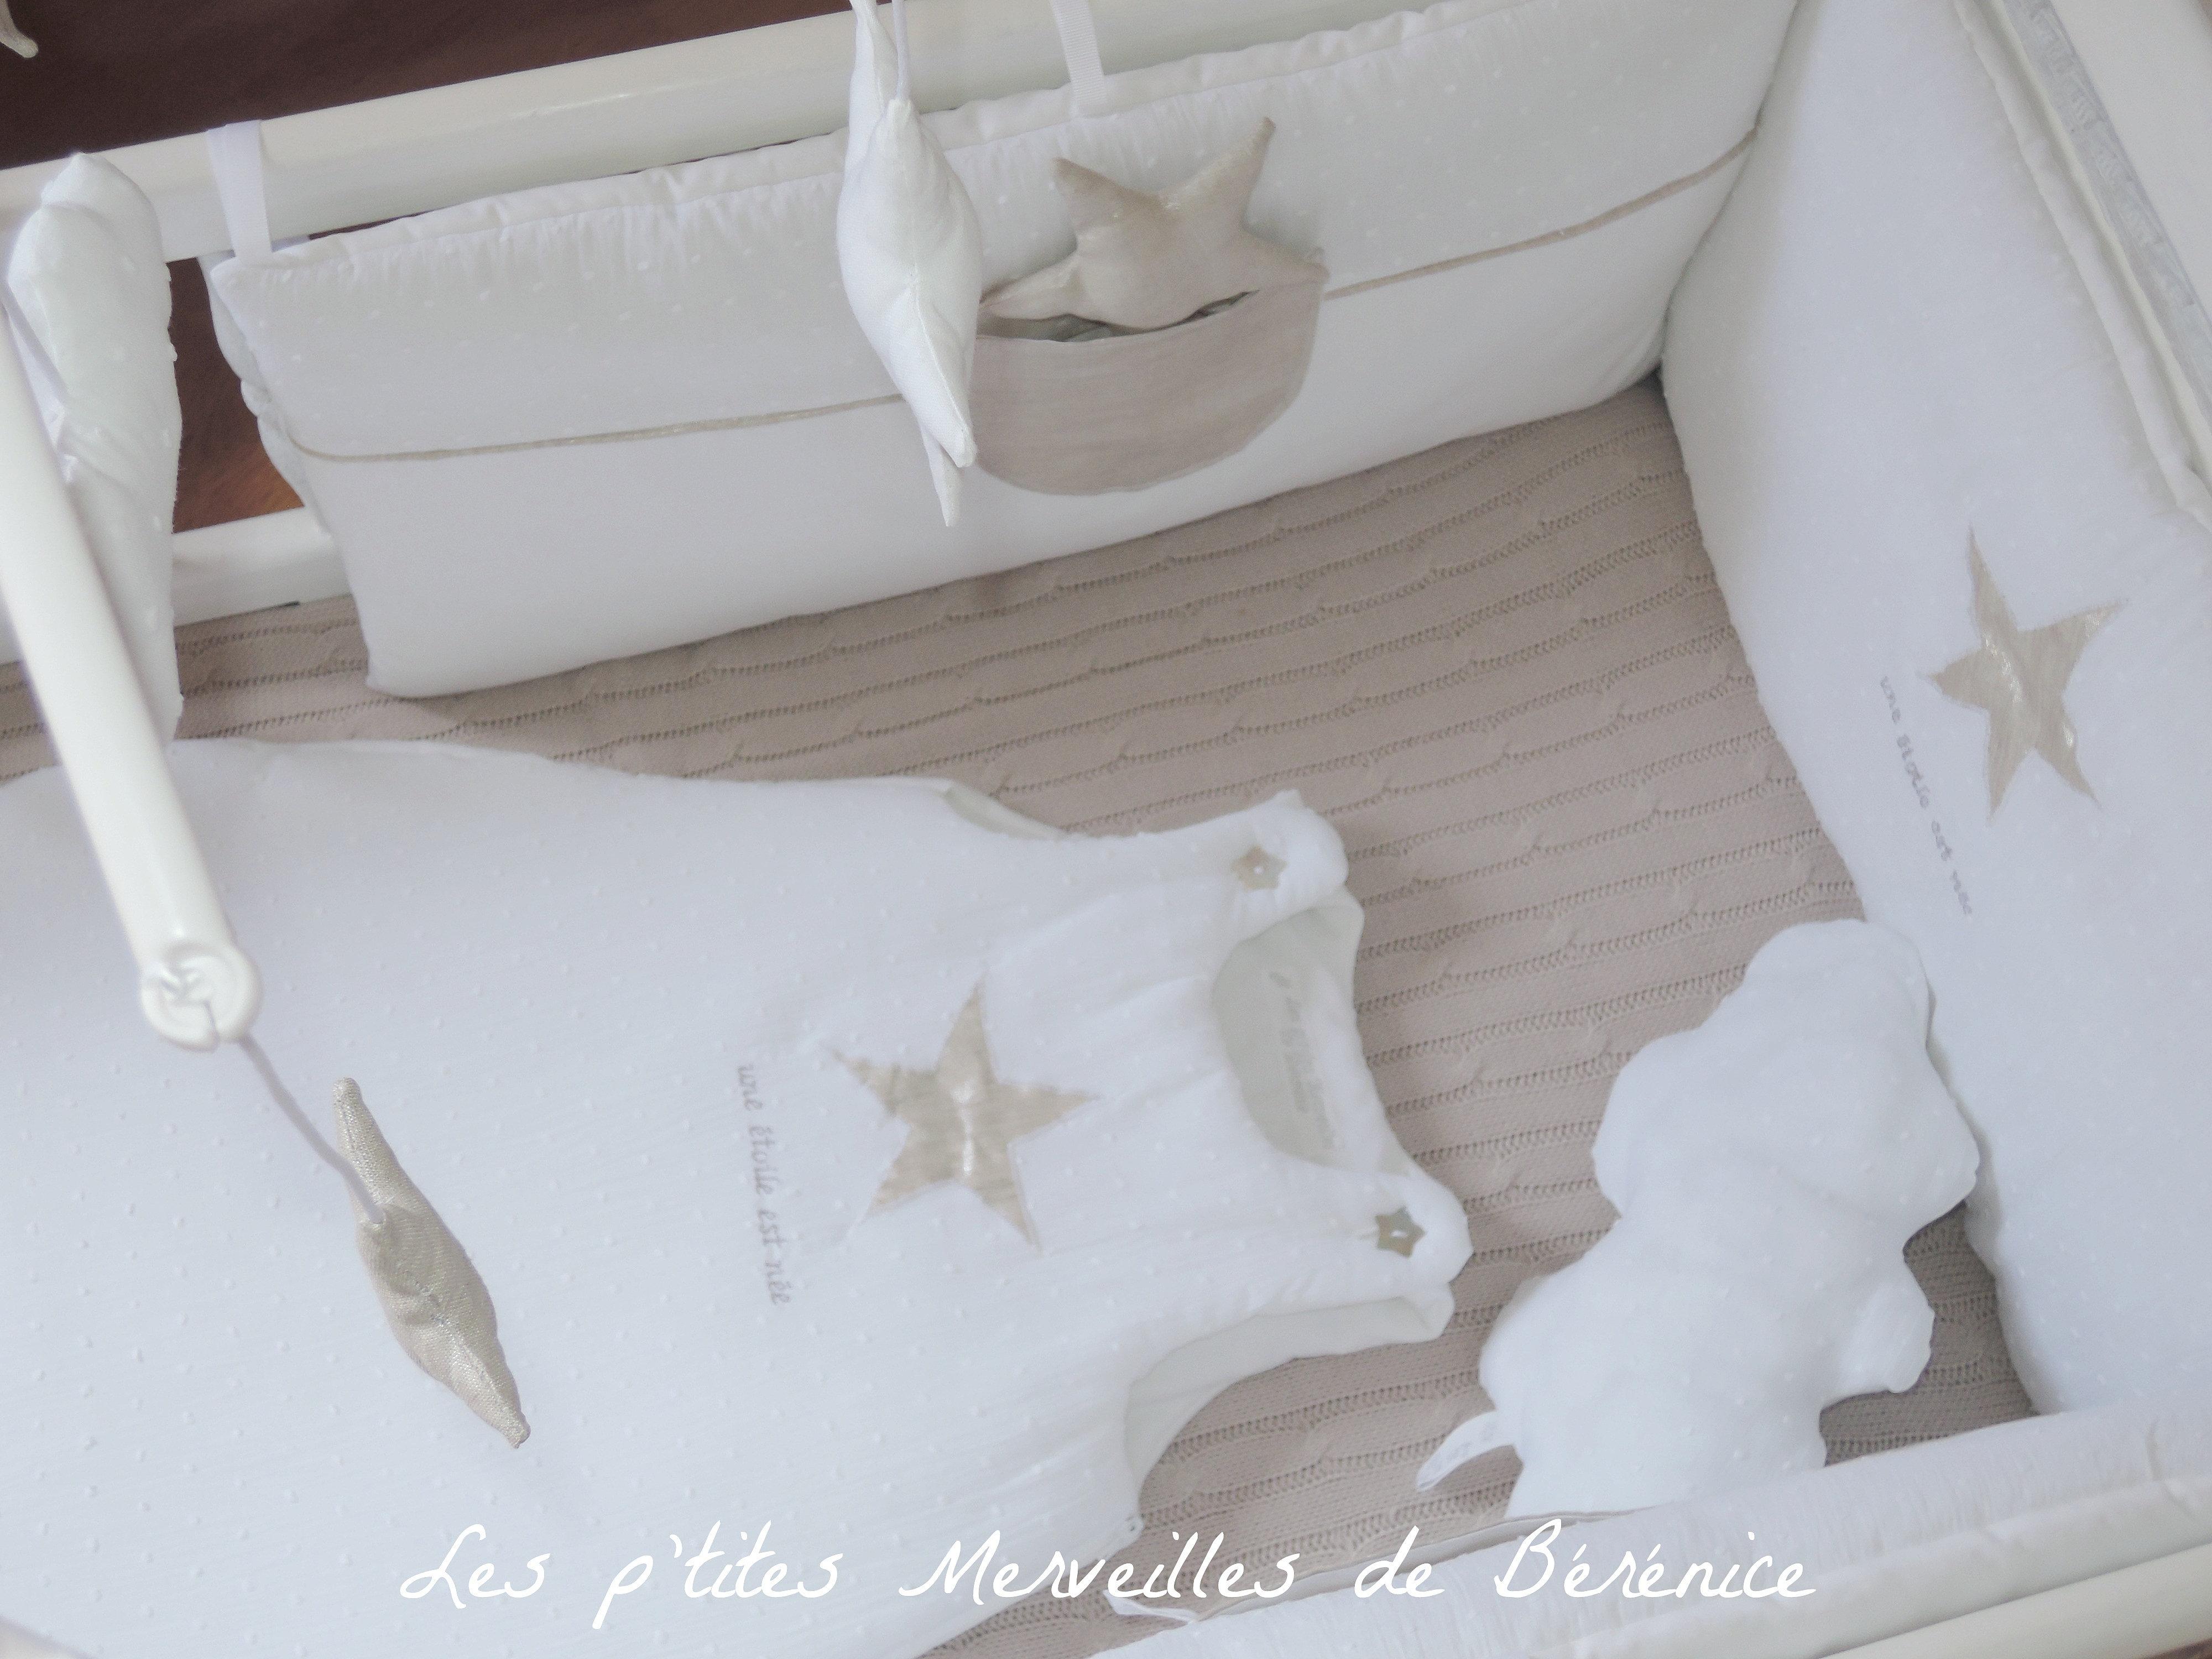 tour lit beige. Black Bedroom Furniture Sets. Home Design Ideas